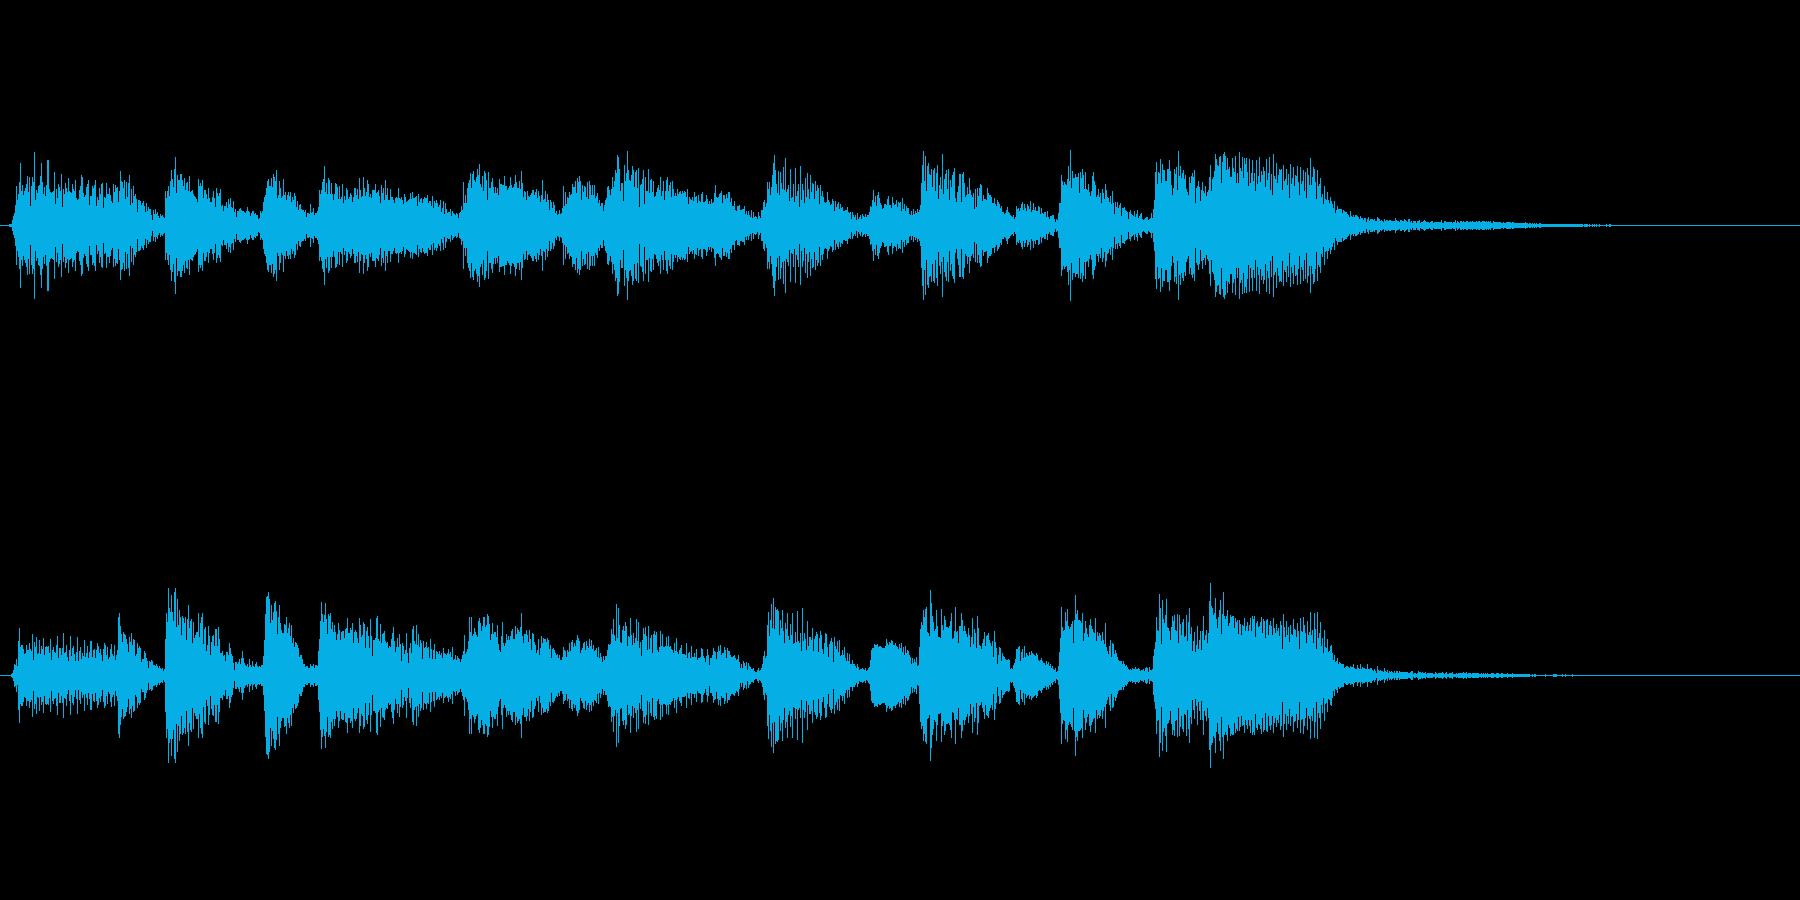 企業ロゴ表示用サウンドロゴ3 ピアノのみの再生済みの波形